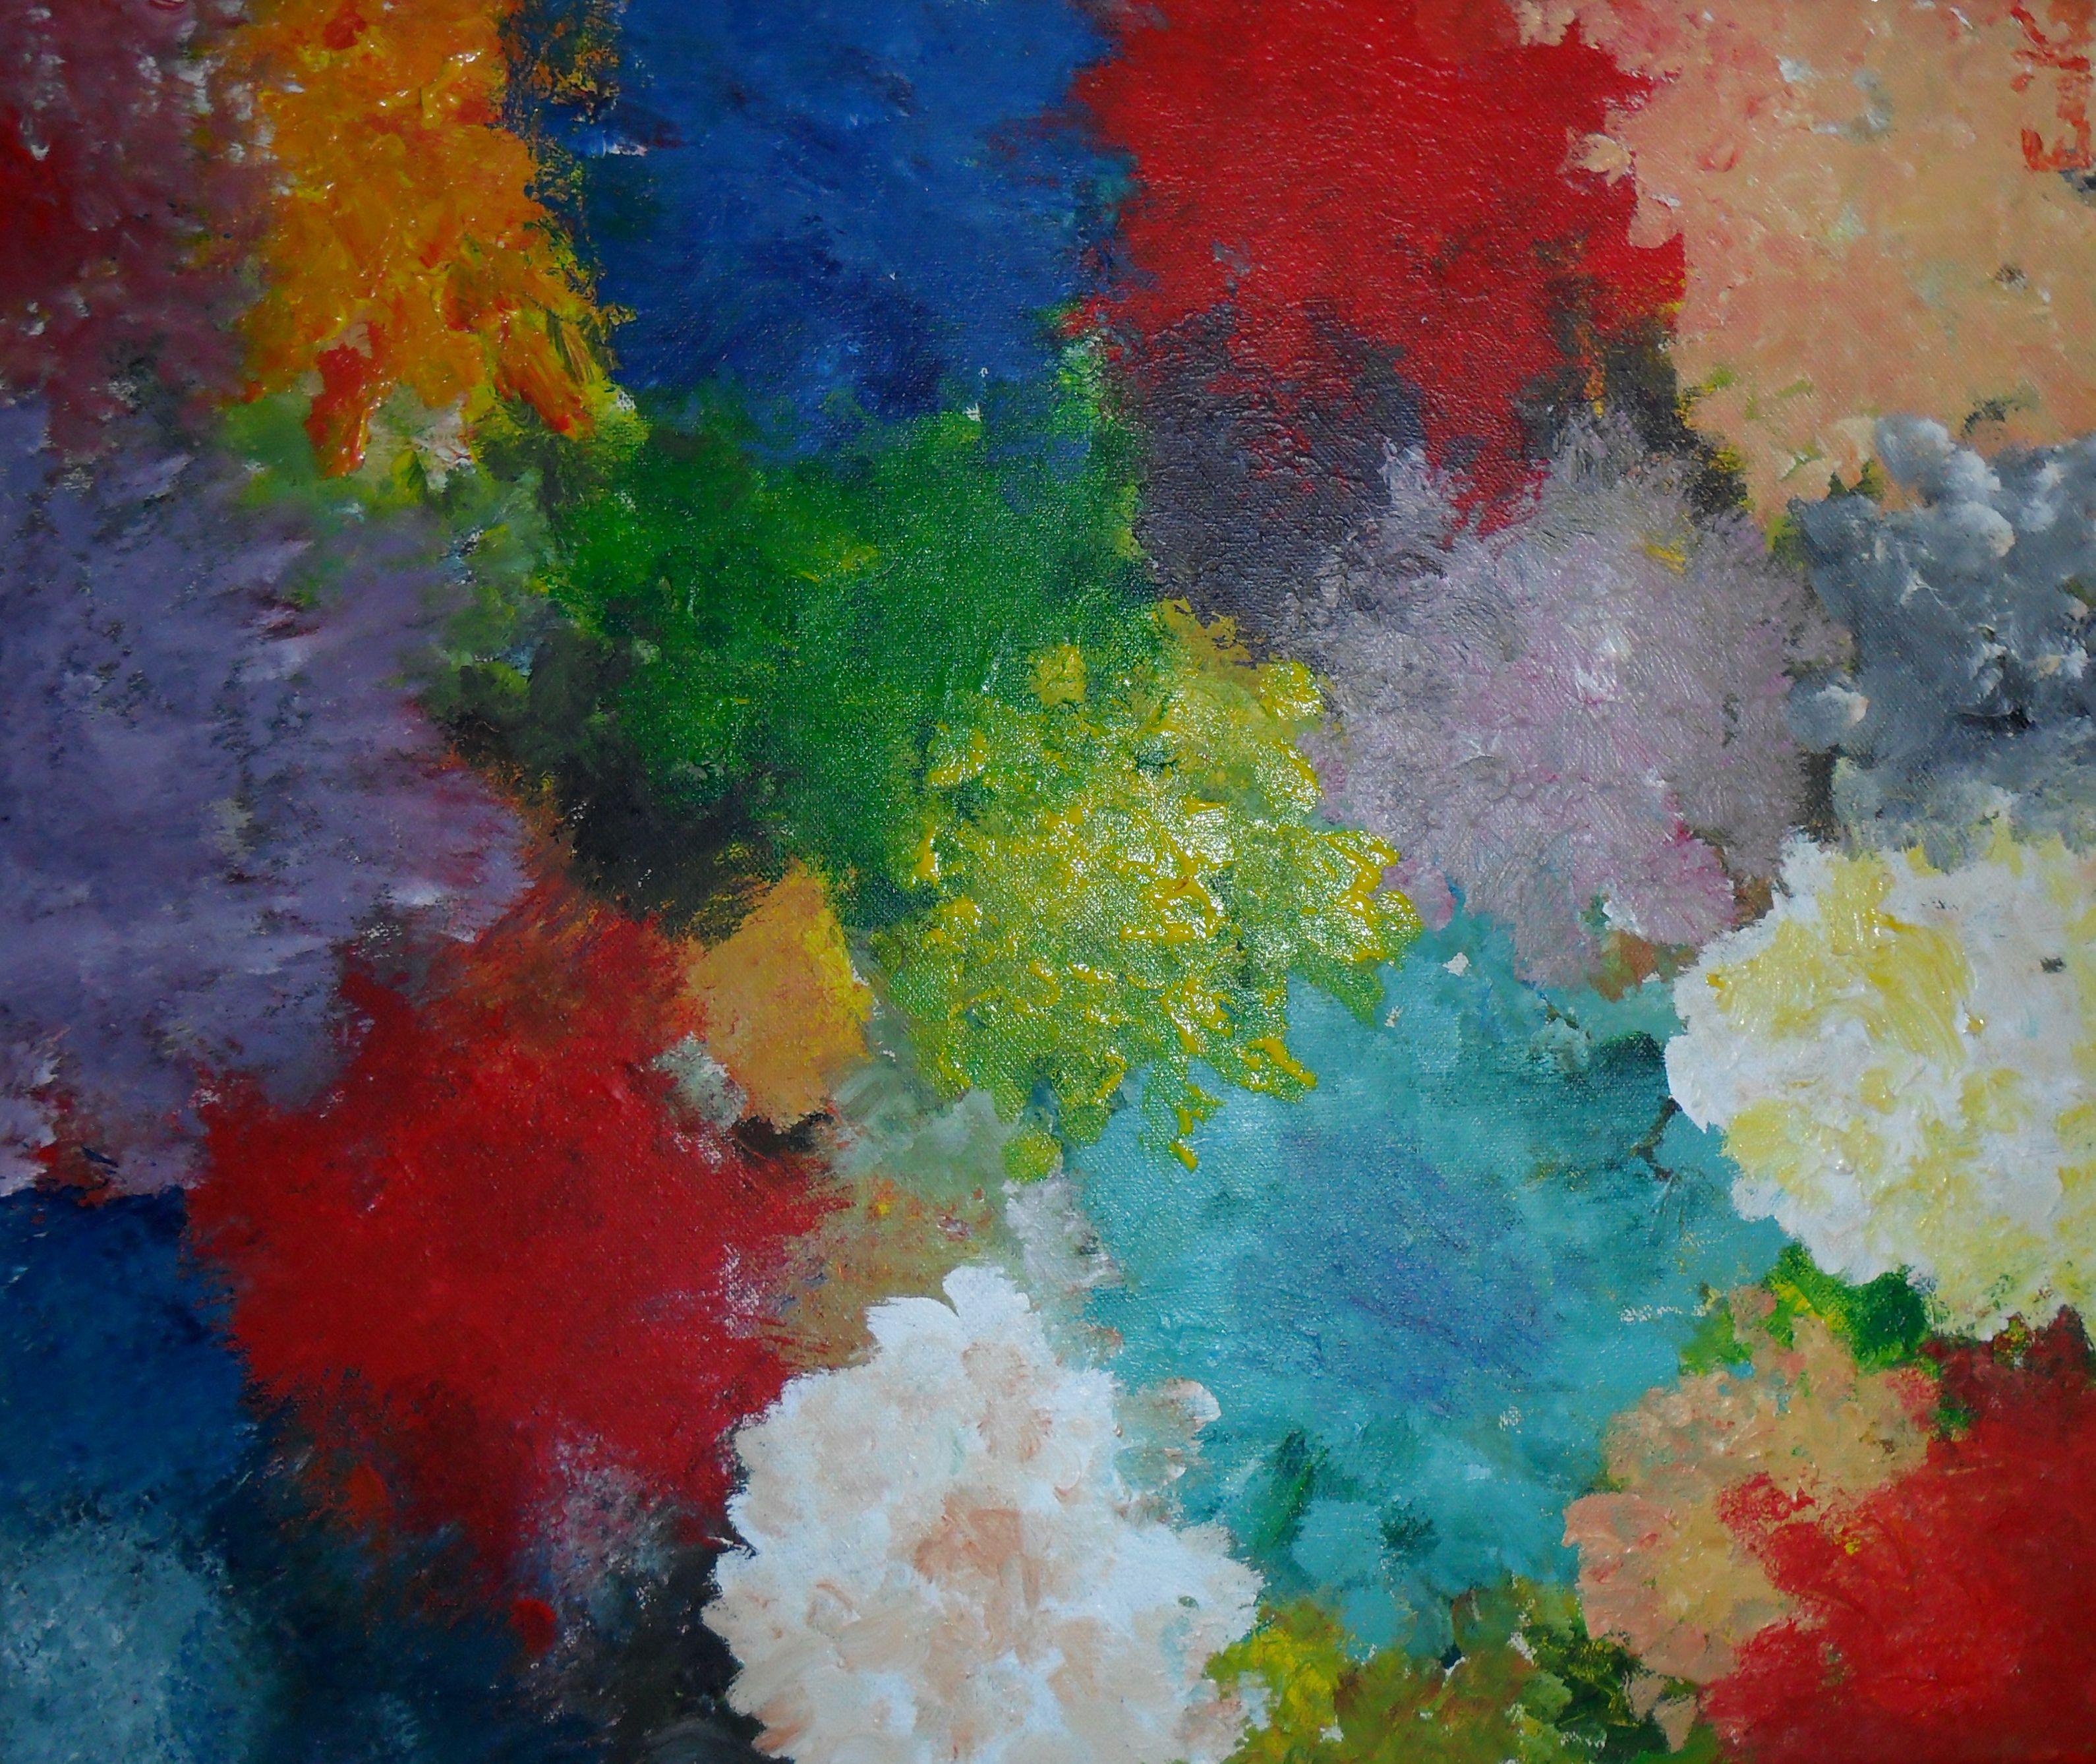 gÉranium tableau unique peint en 2006 technique : peinture ... - Technique Peinture Acrylique Sur Bois